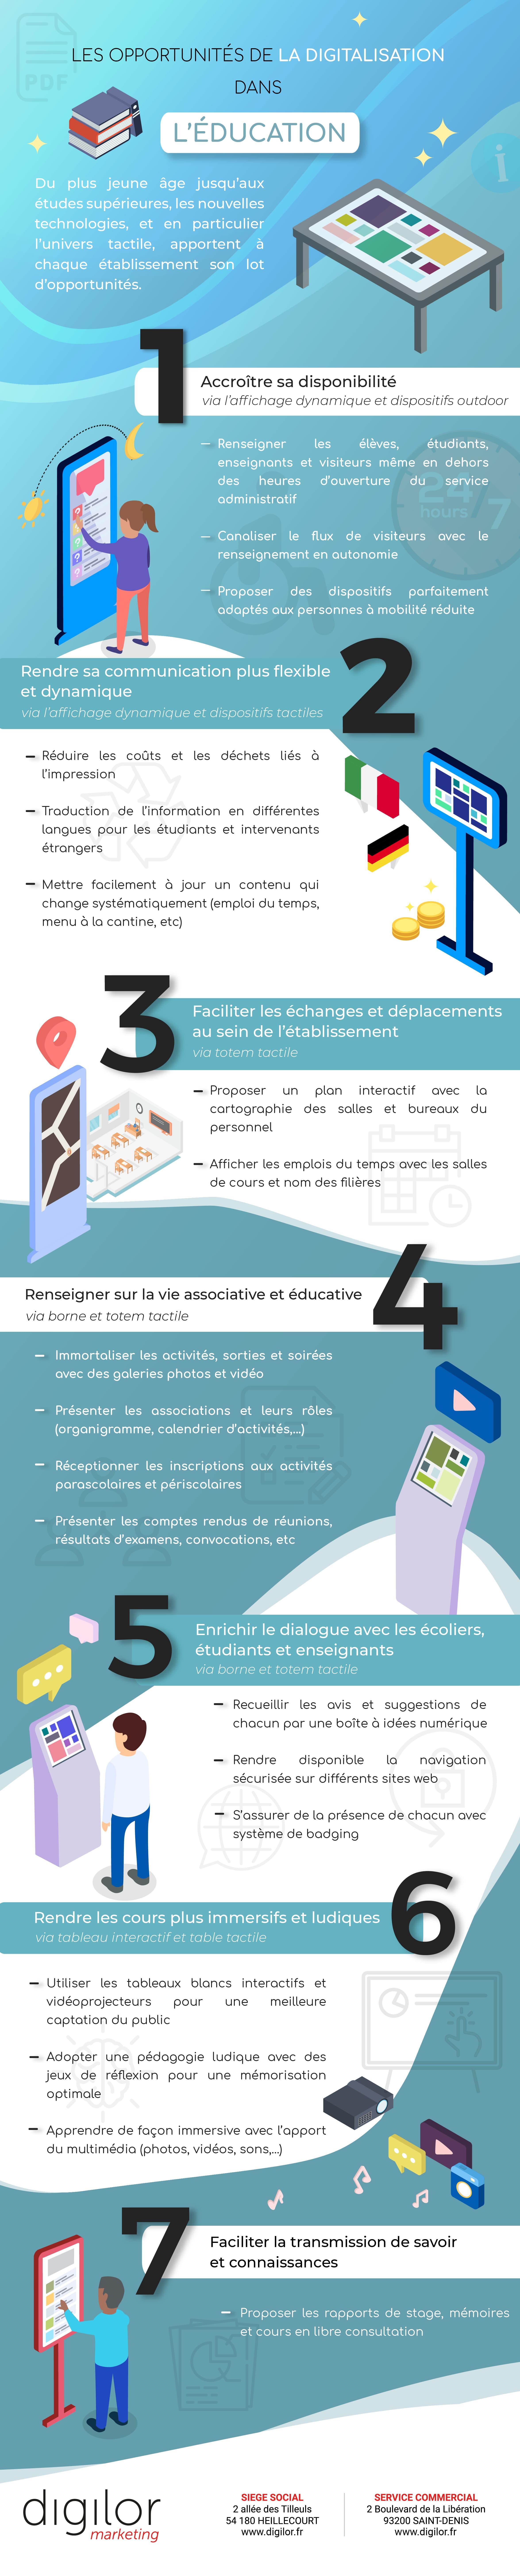 Infographie digitalisation éducation enseignement